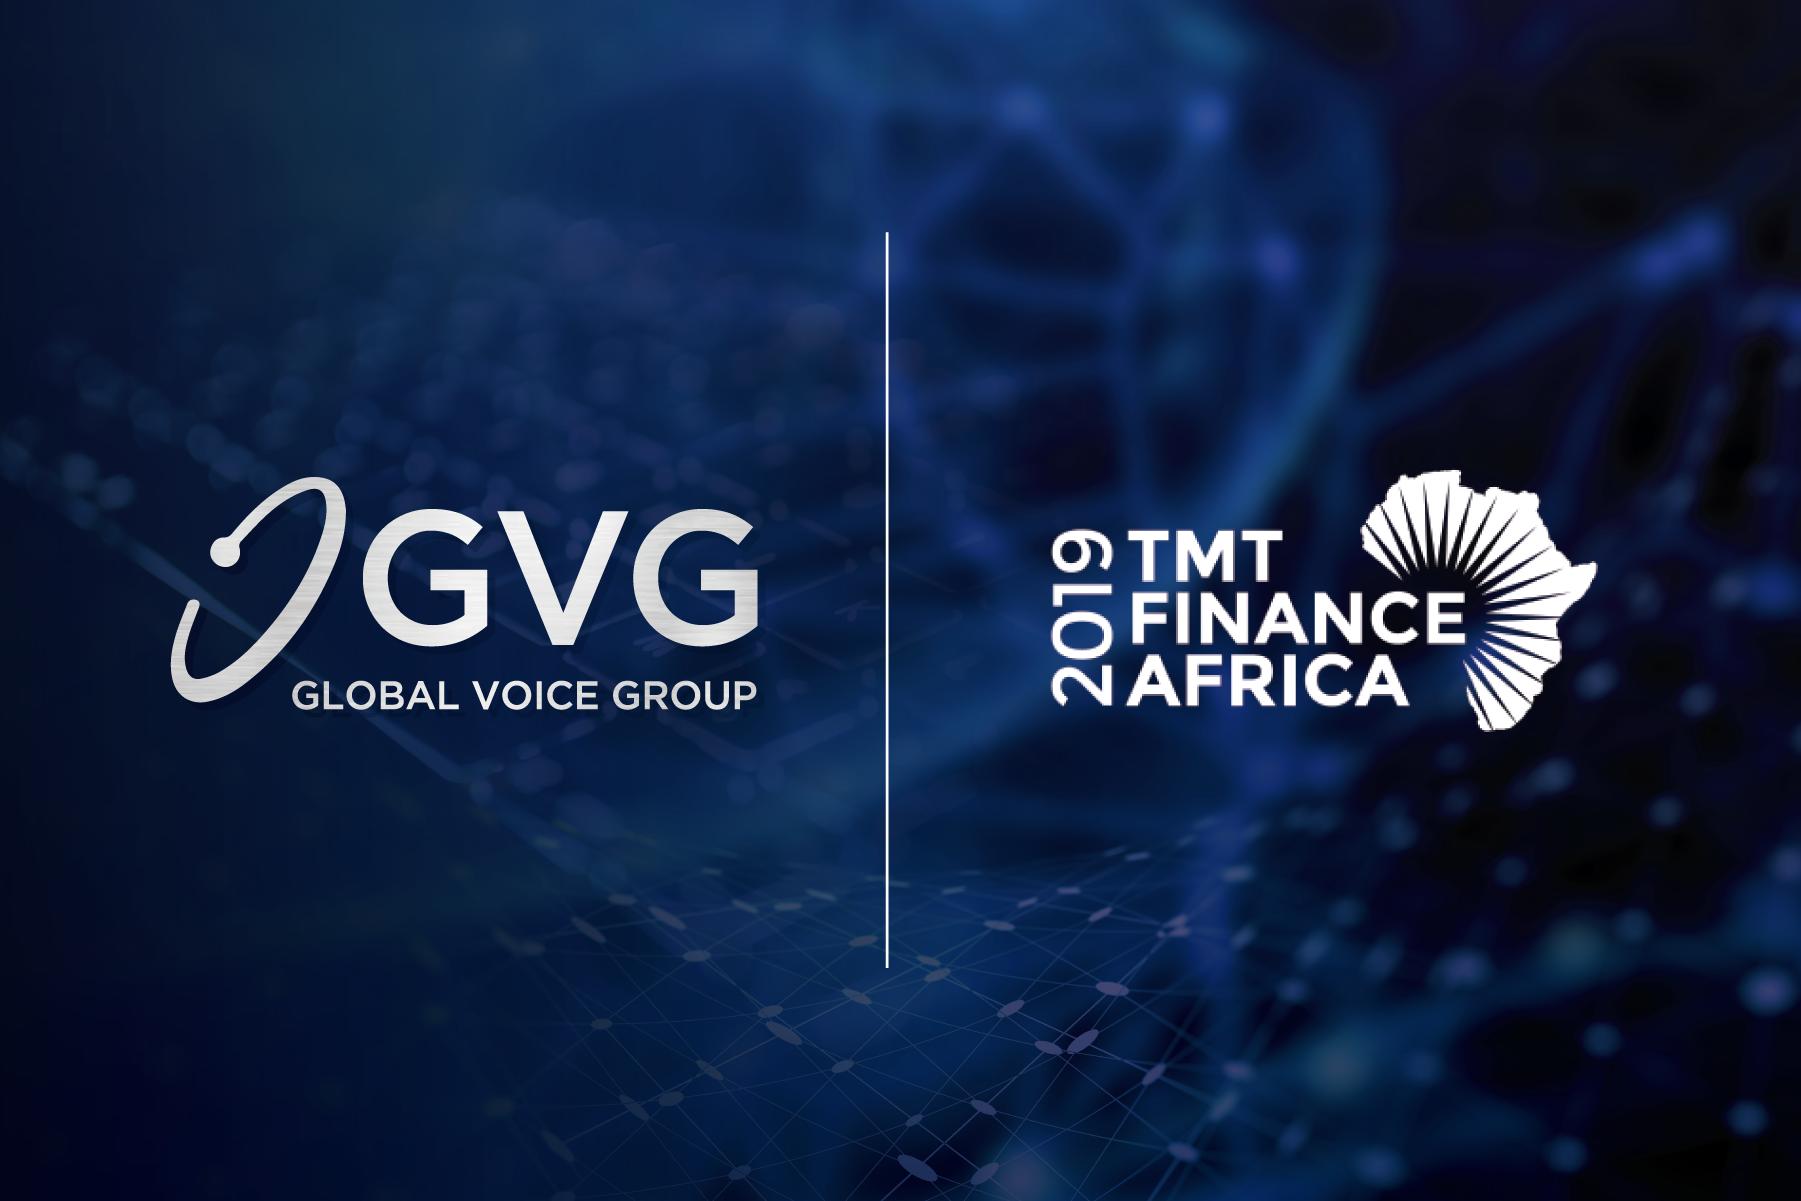 Global Voice Group Partagera Son Expertise Au Service Du Développement Des Smart Cities Au TMT Finance Africa